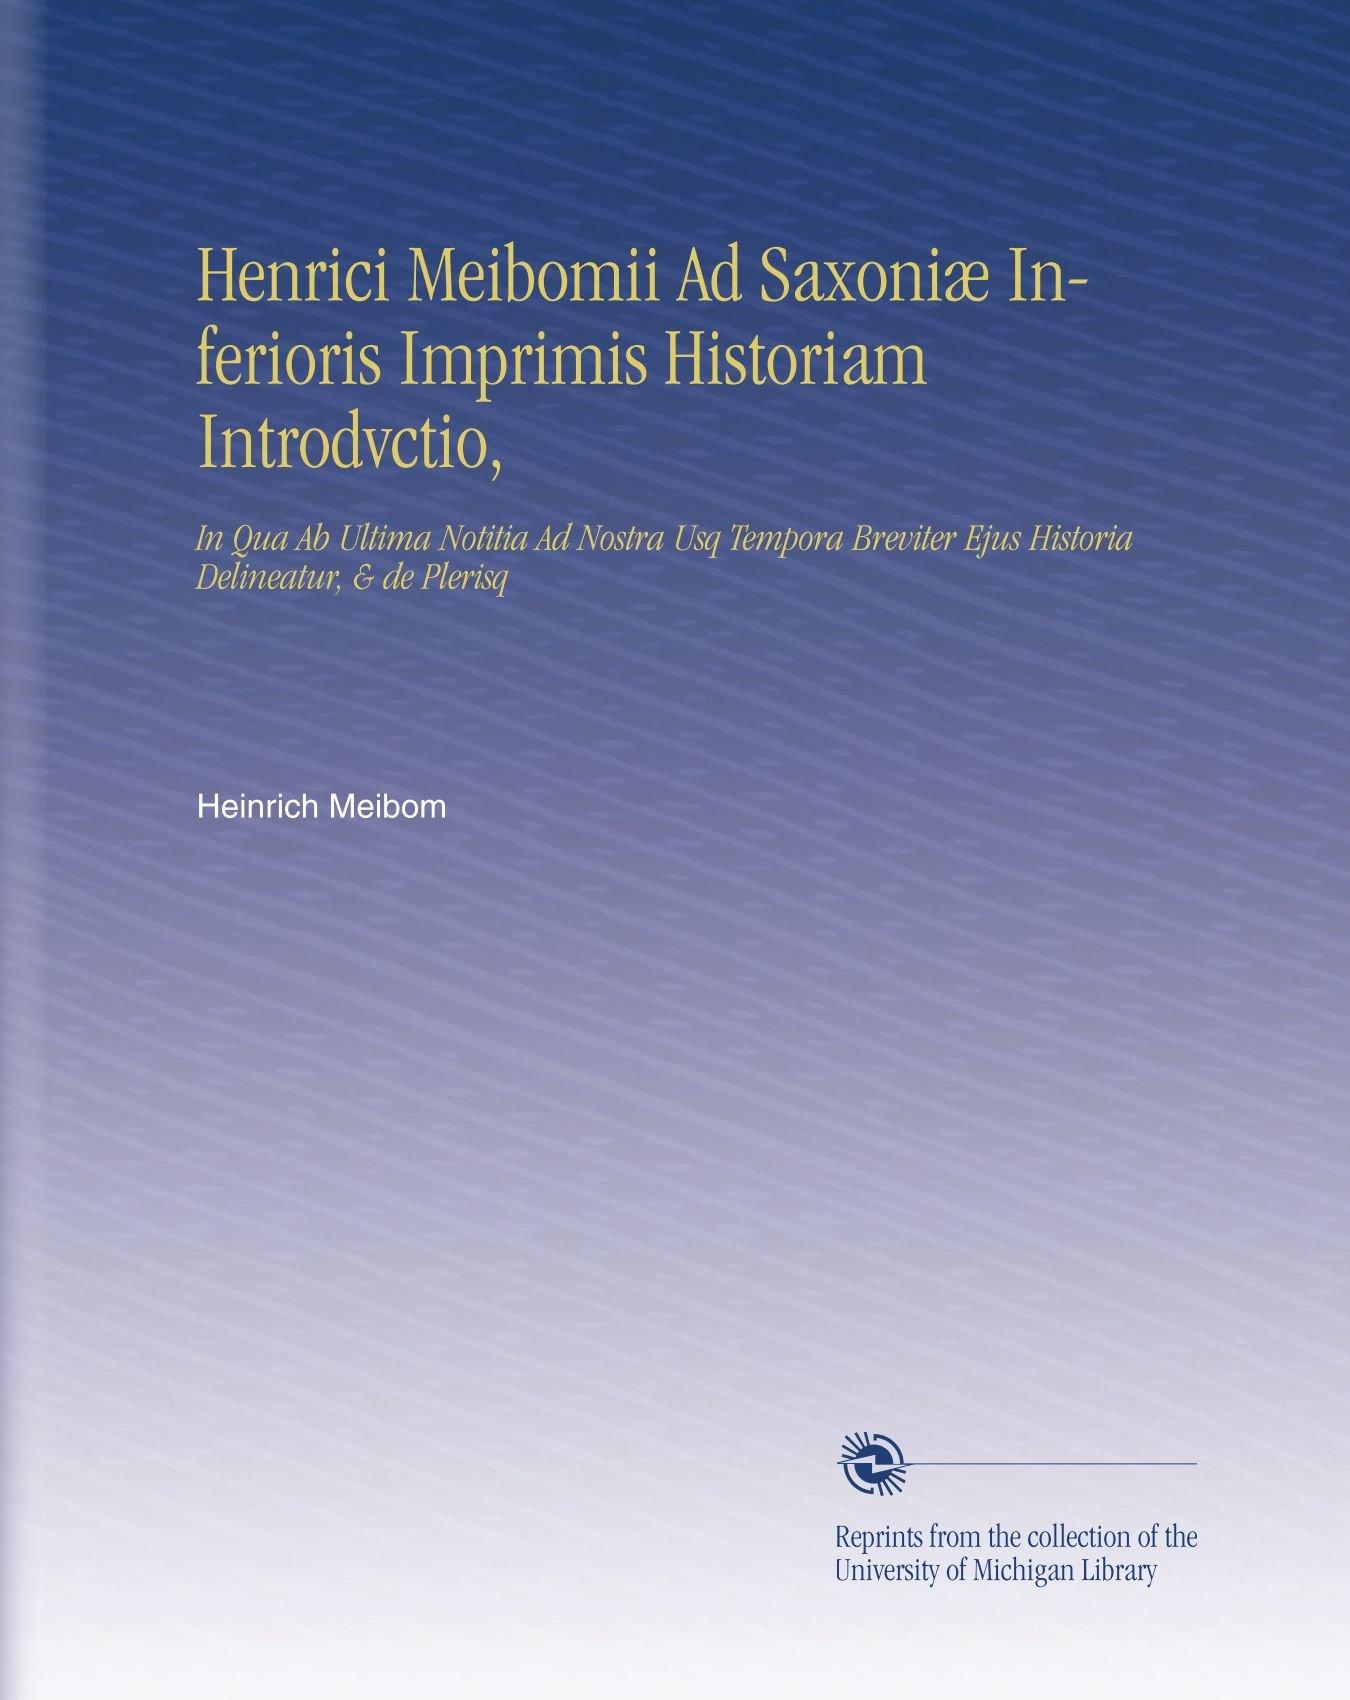 Download Henrici Meibomii Ad Saxoniæ Inferioris Imprimis Historiam Introdvctio,: In Qua Ab Ultima Notitia Ad Nostra Usq Tempora Breviter Ejus Historia Delineatur, & de Plerisq (Latin Edition) PDF